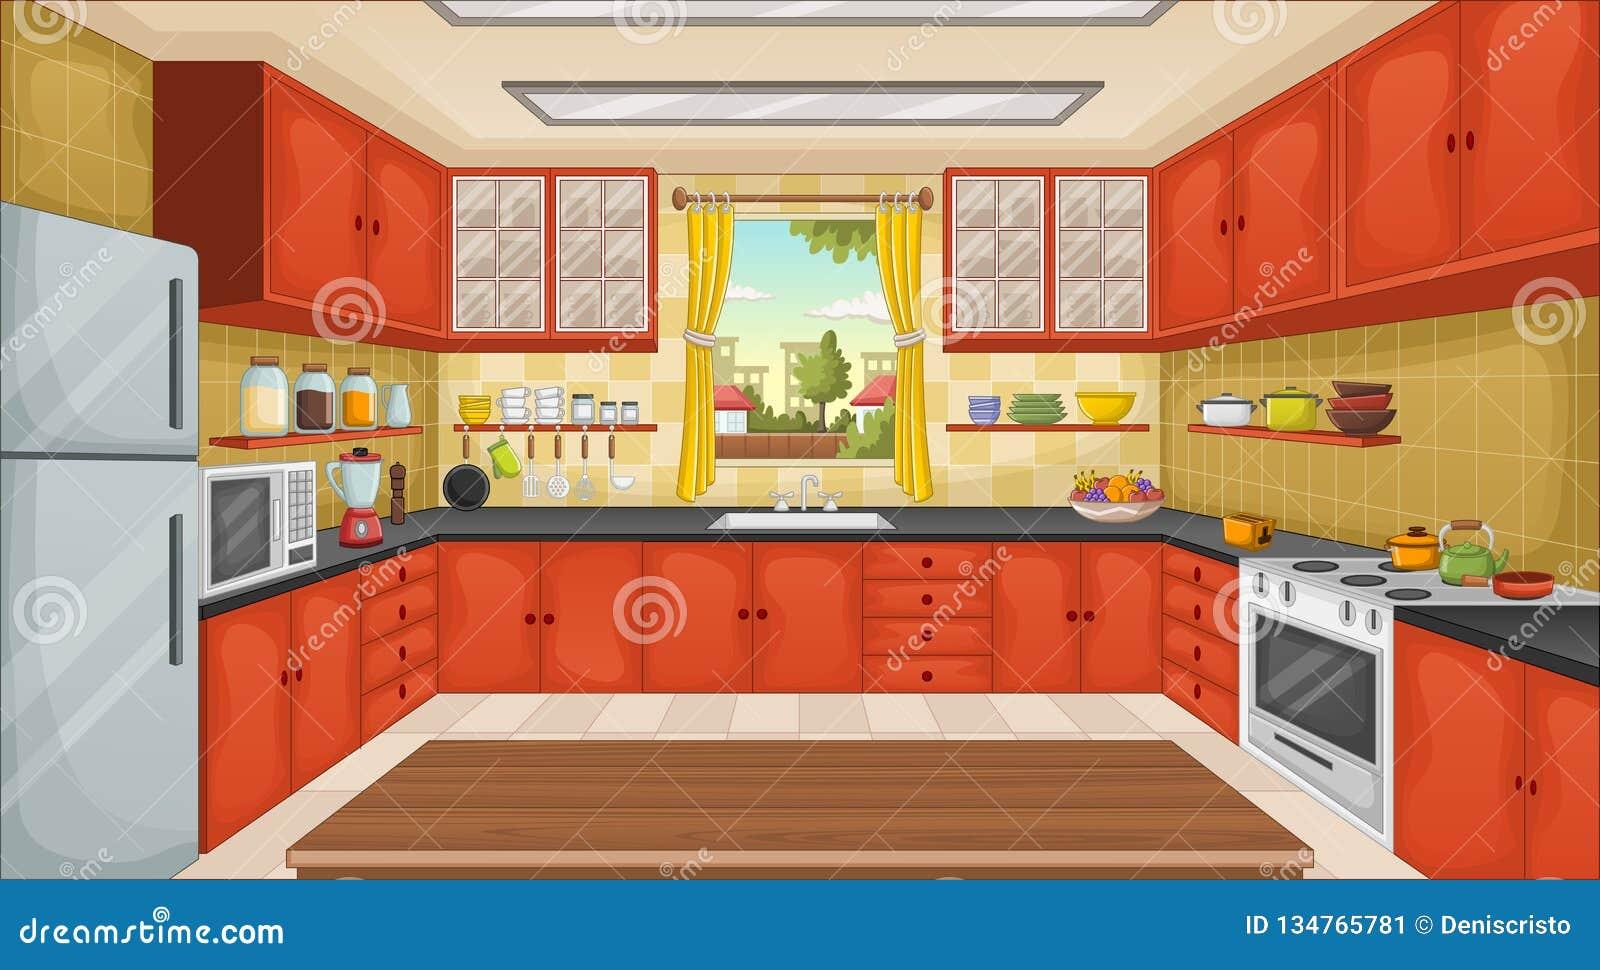 Cuisine Colorée Avec Des Ustensiles Chambre Dans La Banlieue ...